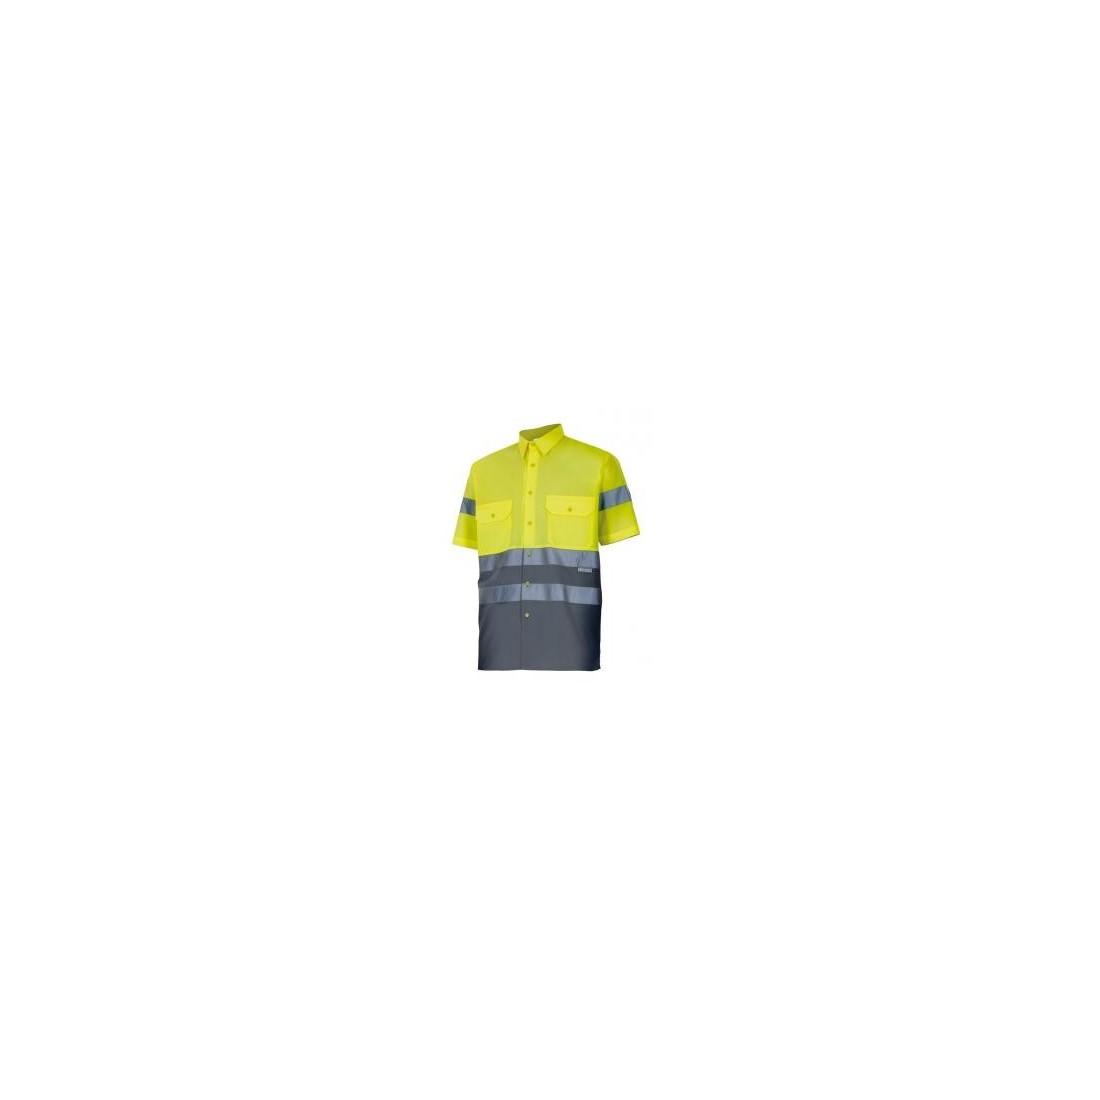 Camisa bicolor manga corta